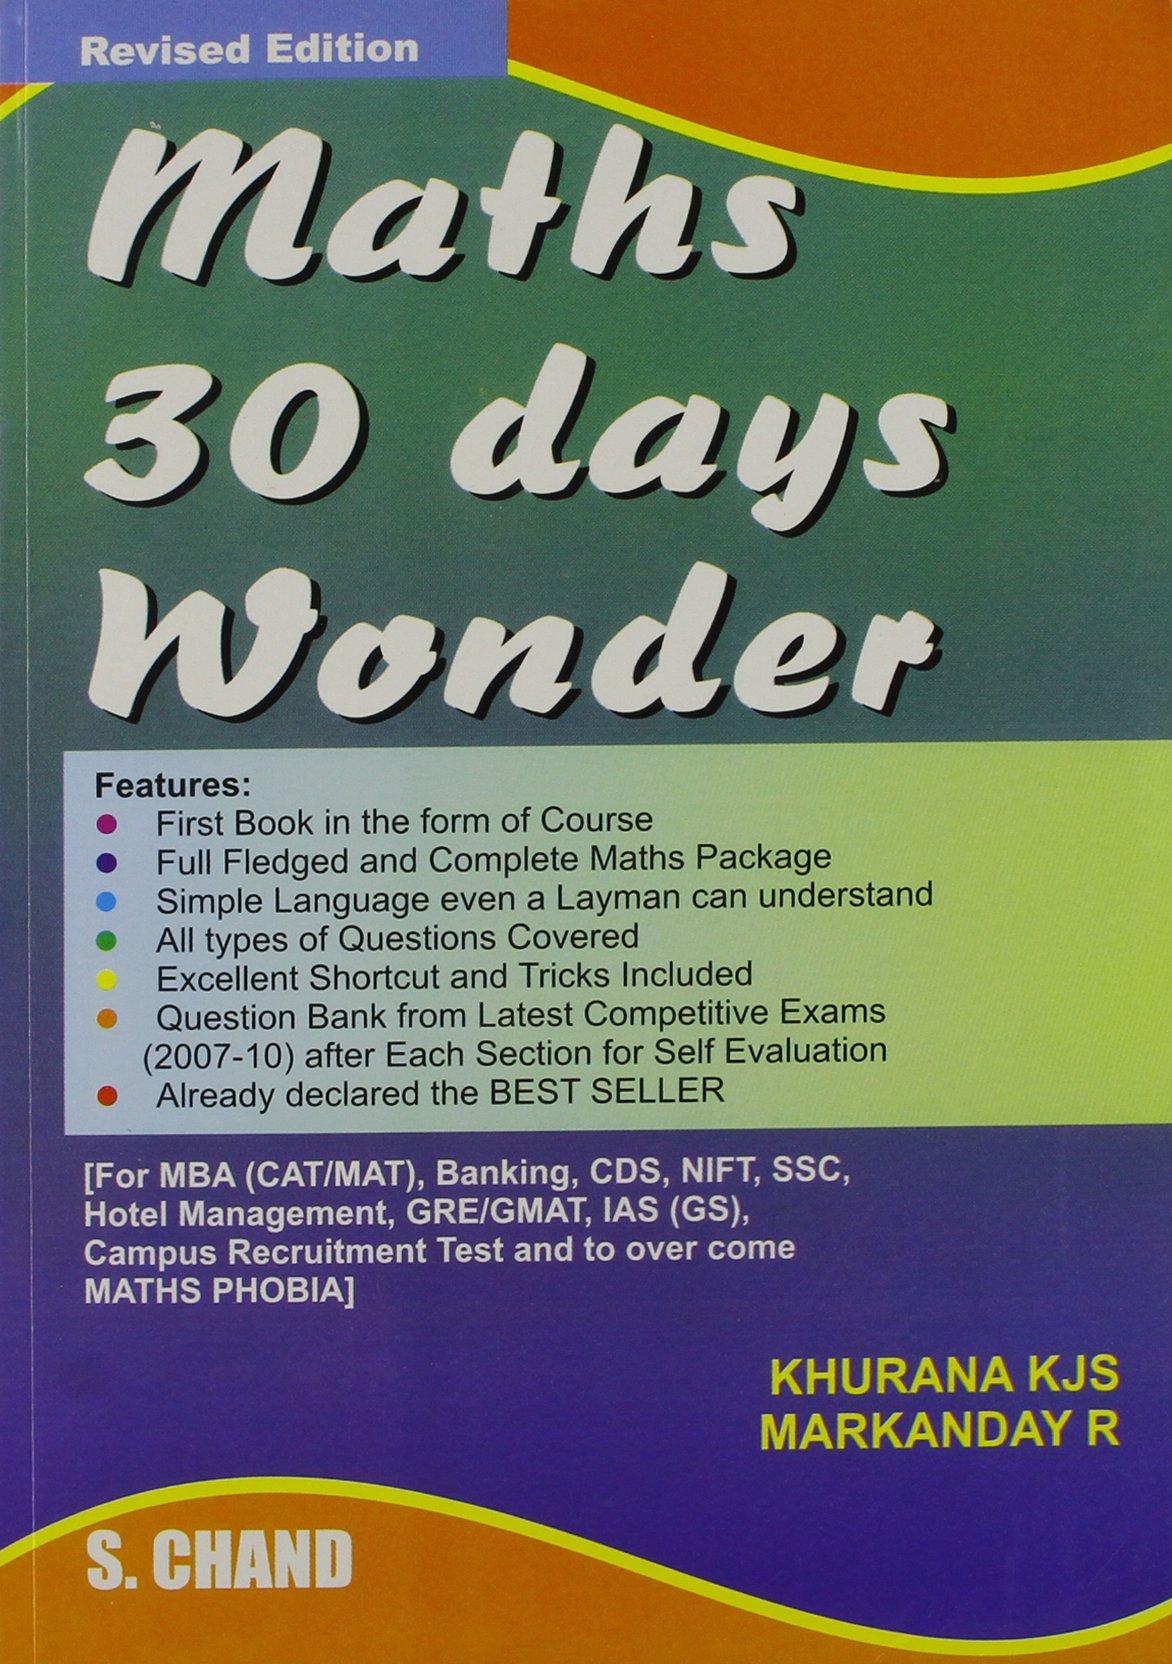 Maths 30 Days Wonder: K. J. S. Khurana, R. Markanday: 9788121933599 ...